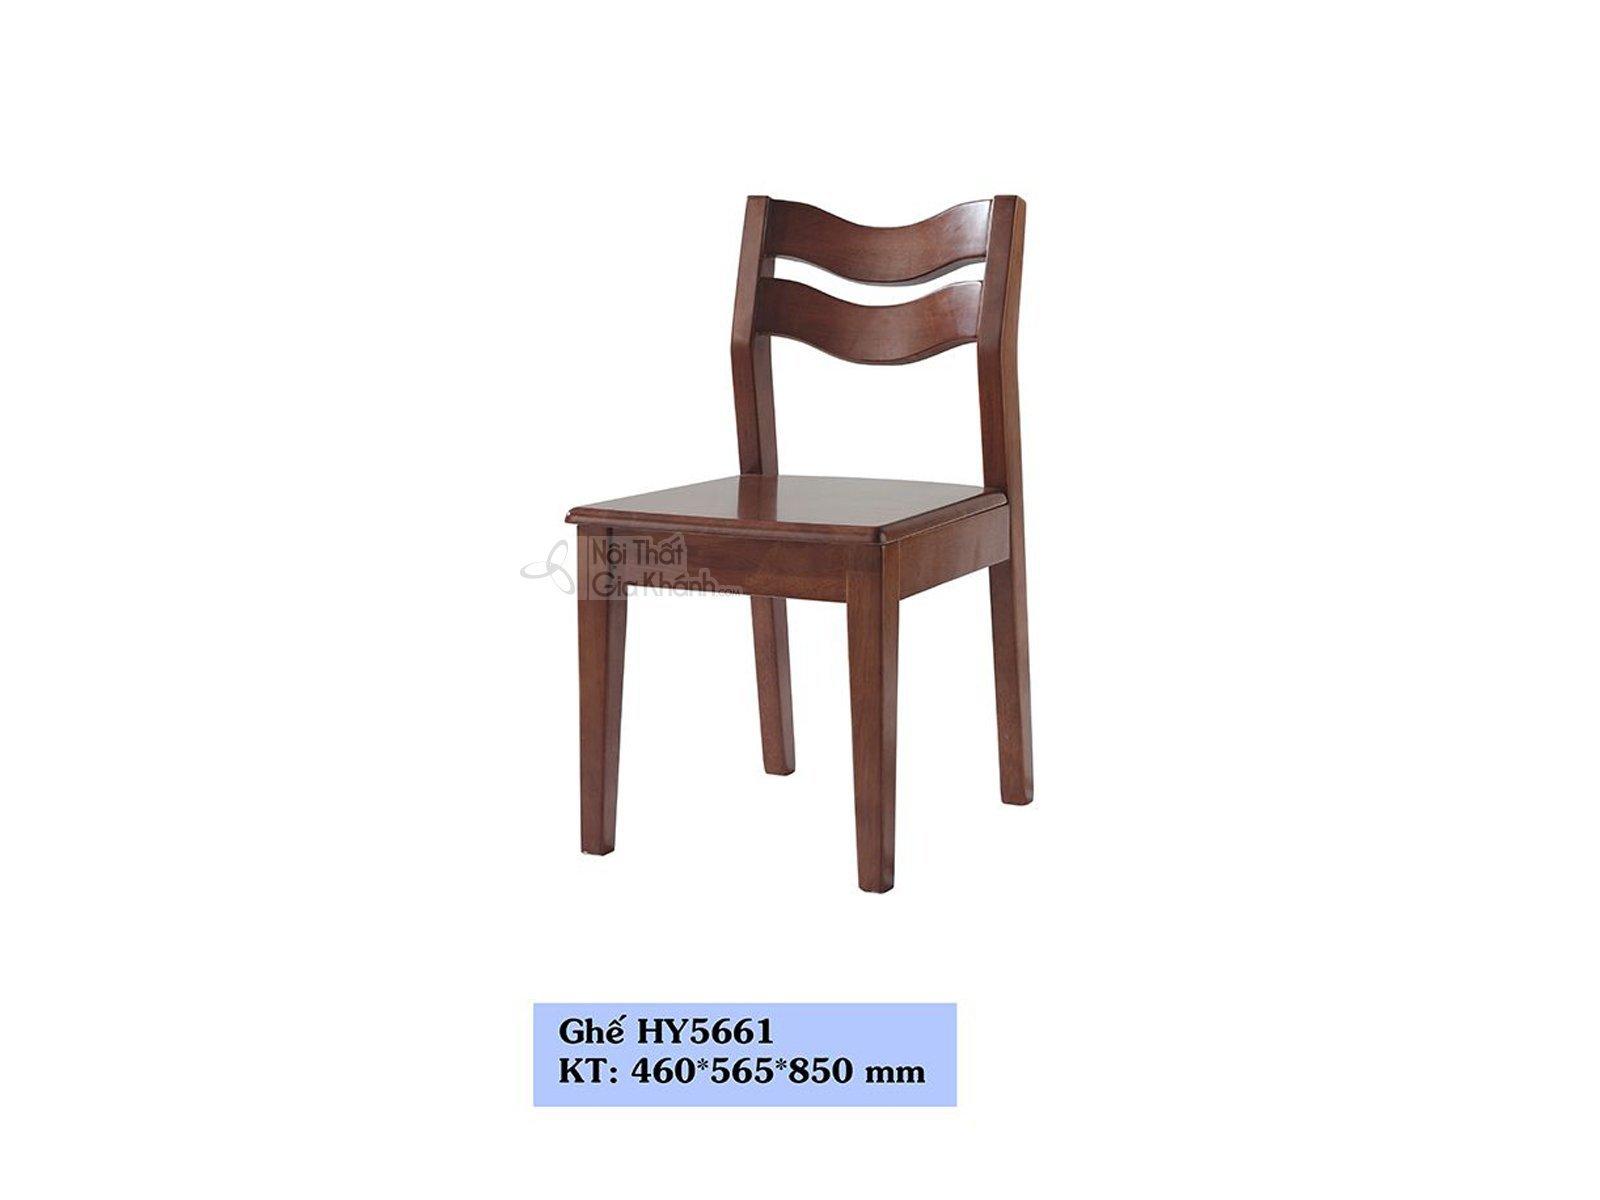 GHẾ ĂN GỖ NÂU NHẠP KHẨU HY5661 - HY5661